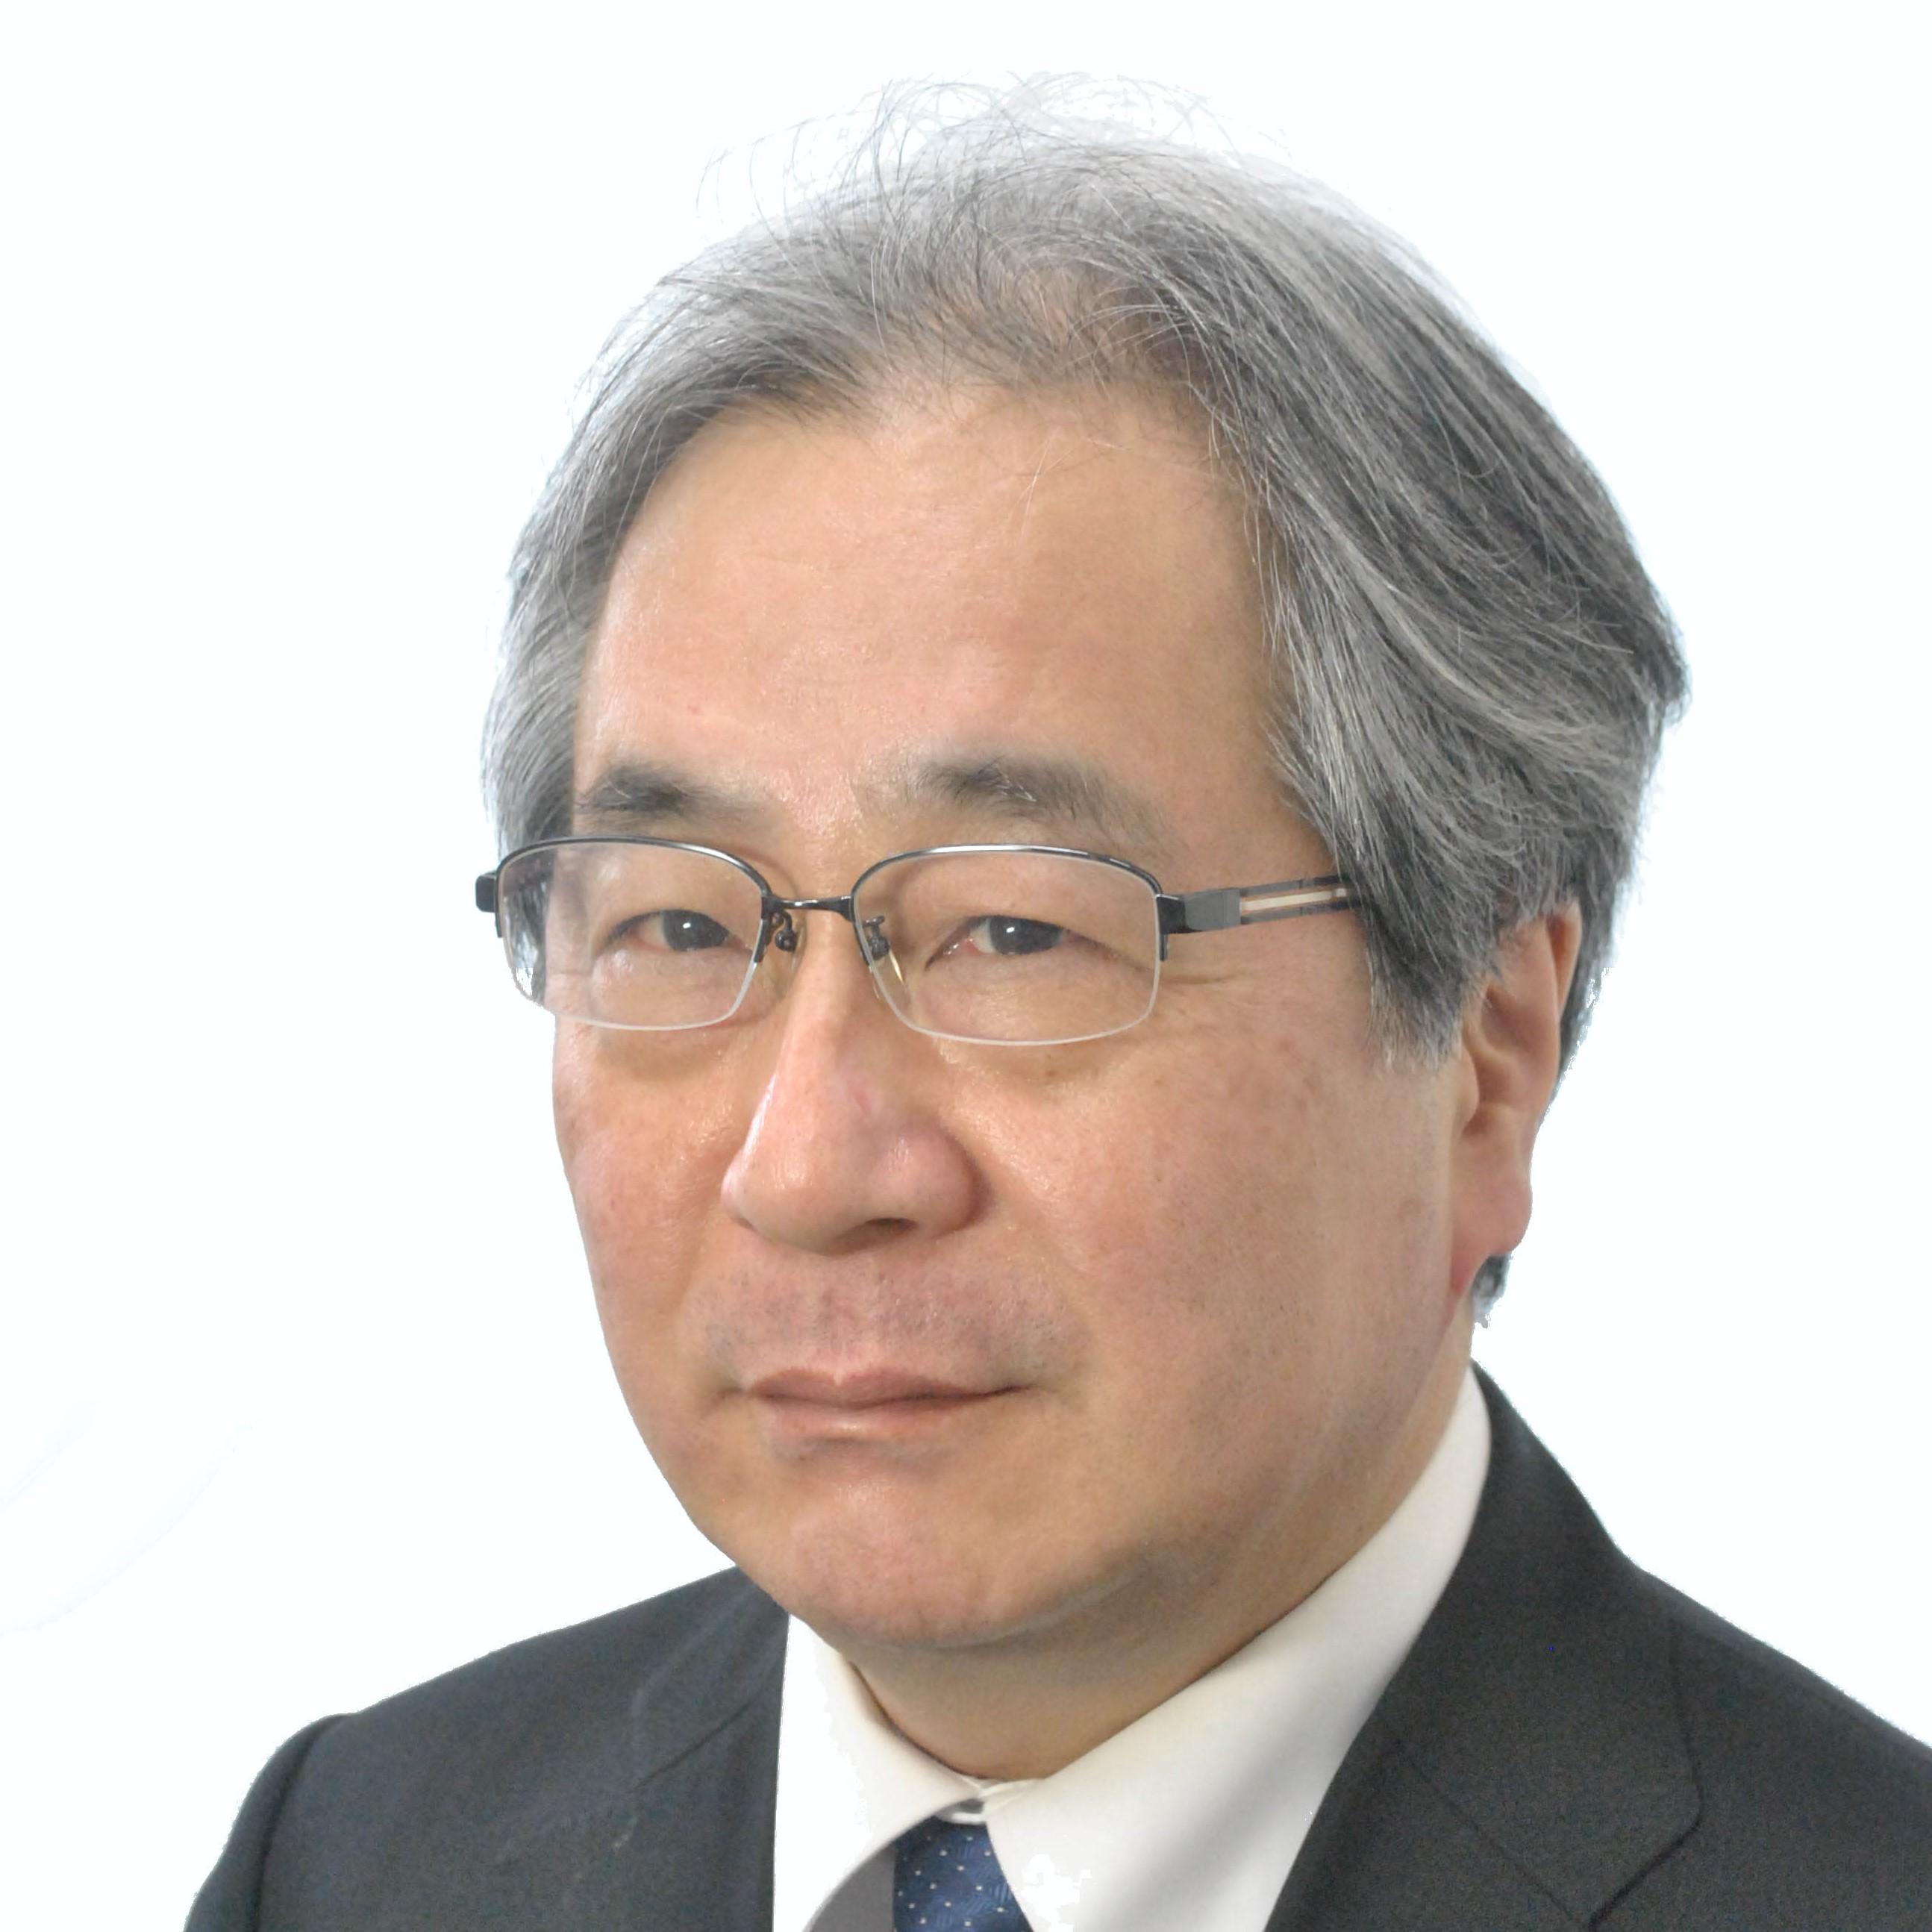 Hiroaki Takai